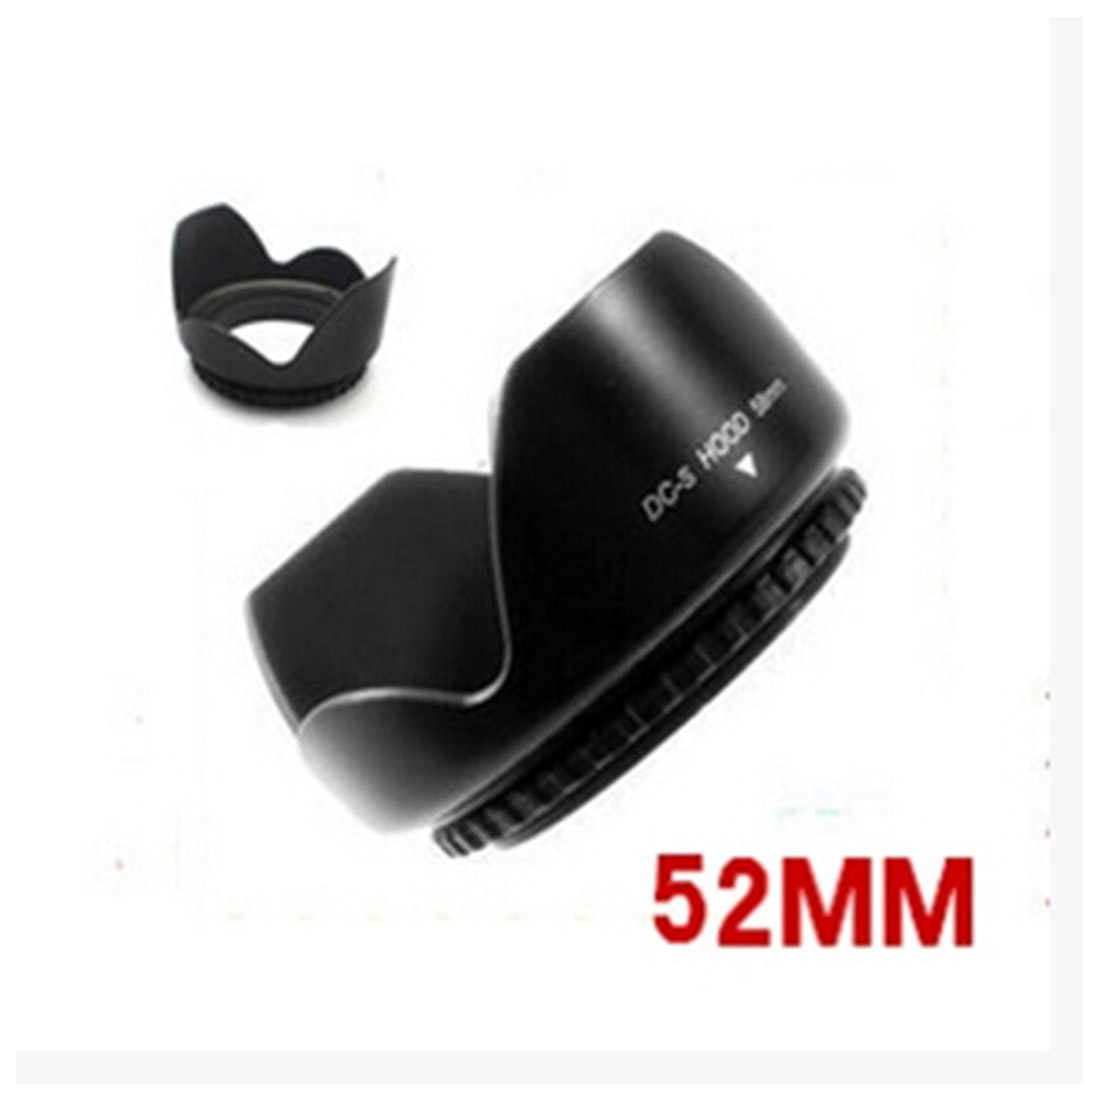 Centechia D3200 D3300 D5200 D5300 Camera Lens Hood 52mm Bằng Lưỡi Lê Phù Hợp Với AF-S DX 18-55mm f /3.5-5.6G VR II